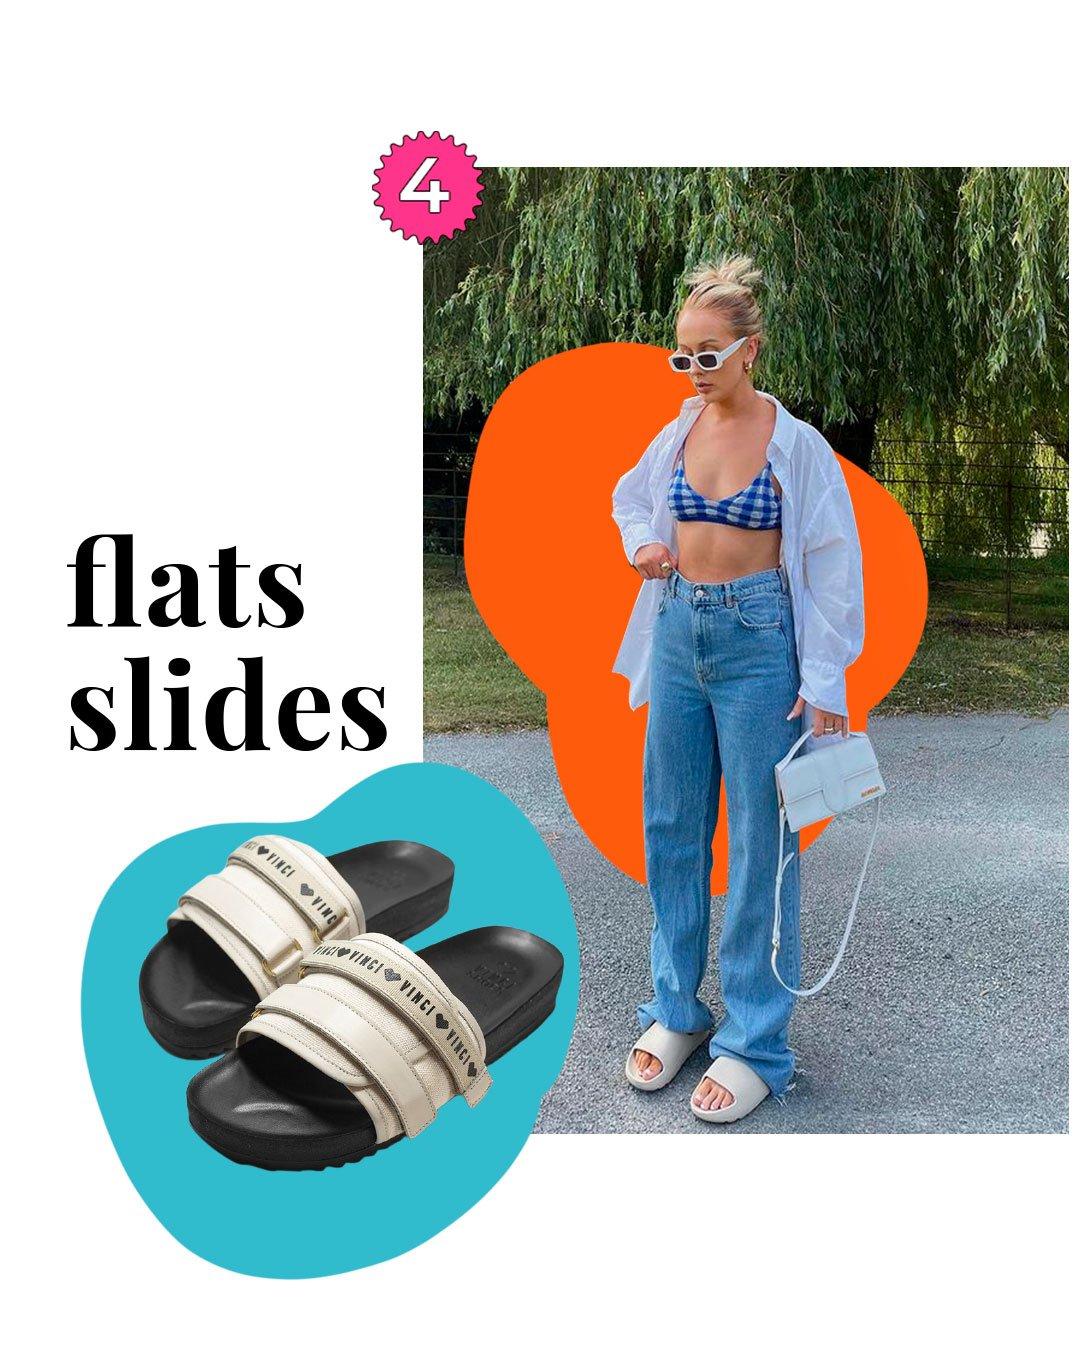 Amy Shaw - Street Style - tendência no verão - Verão - Steal the Look  - https://stealthelook.com.br